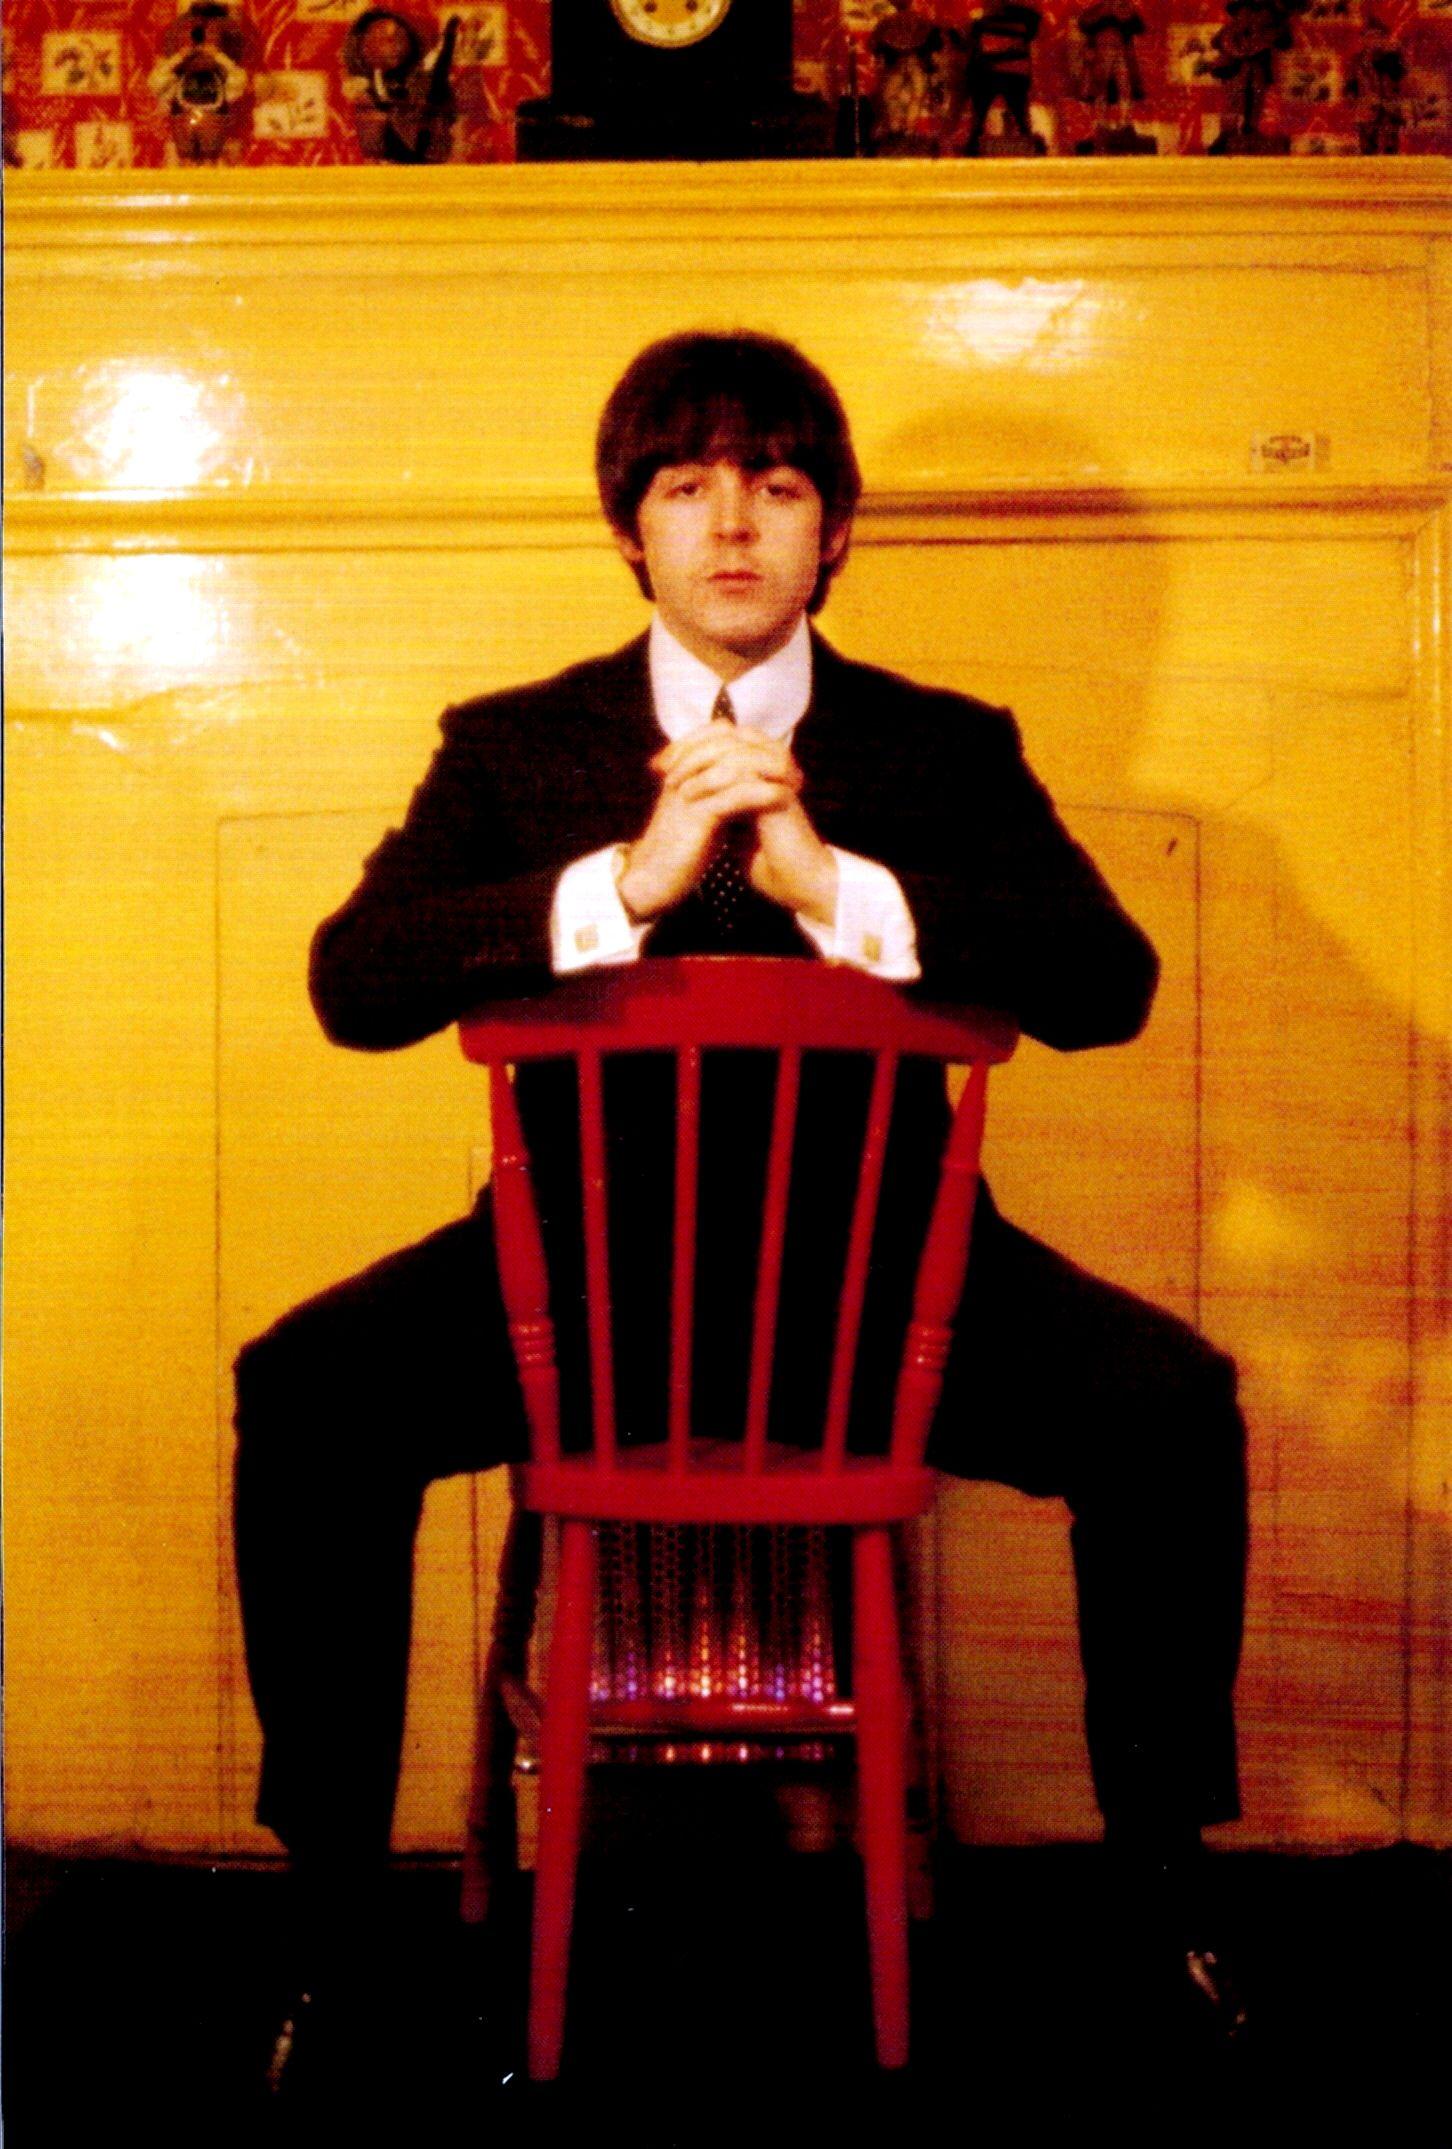 The Beatles Polska: Czy Paul McCartney wierzy w przeznaczenie?